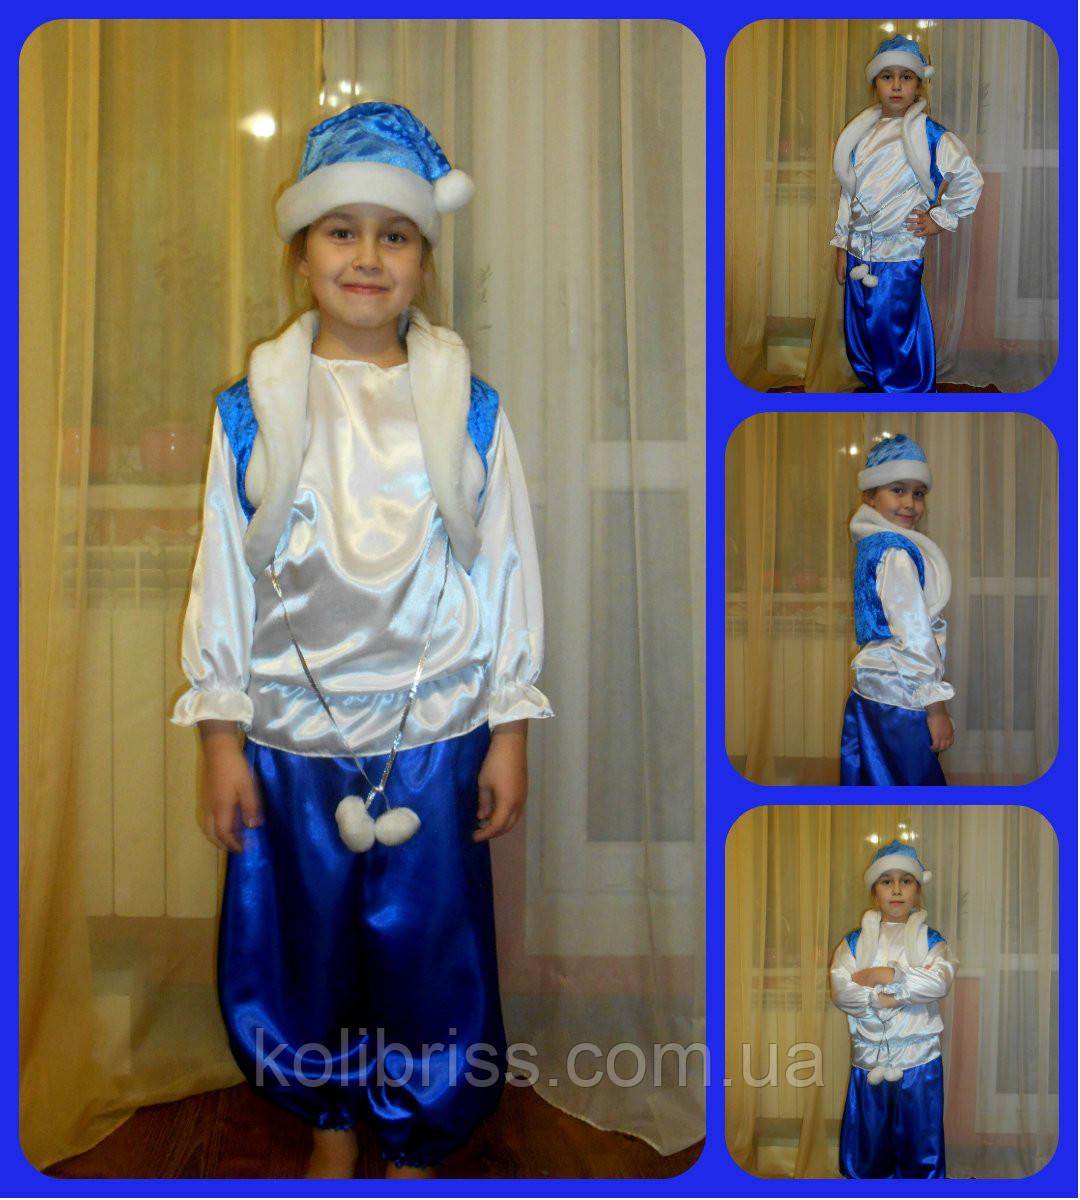 Карнавальный костюм зимний месяц прокат. Костюм мороз, морозко, снег, снежок прокат Киев